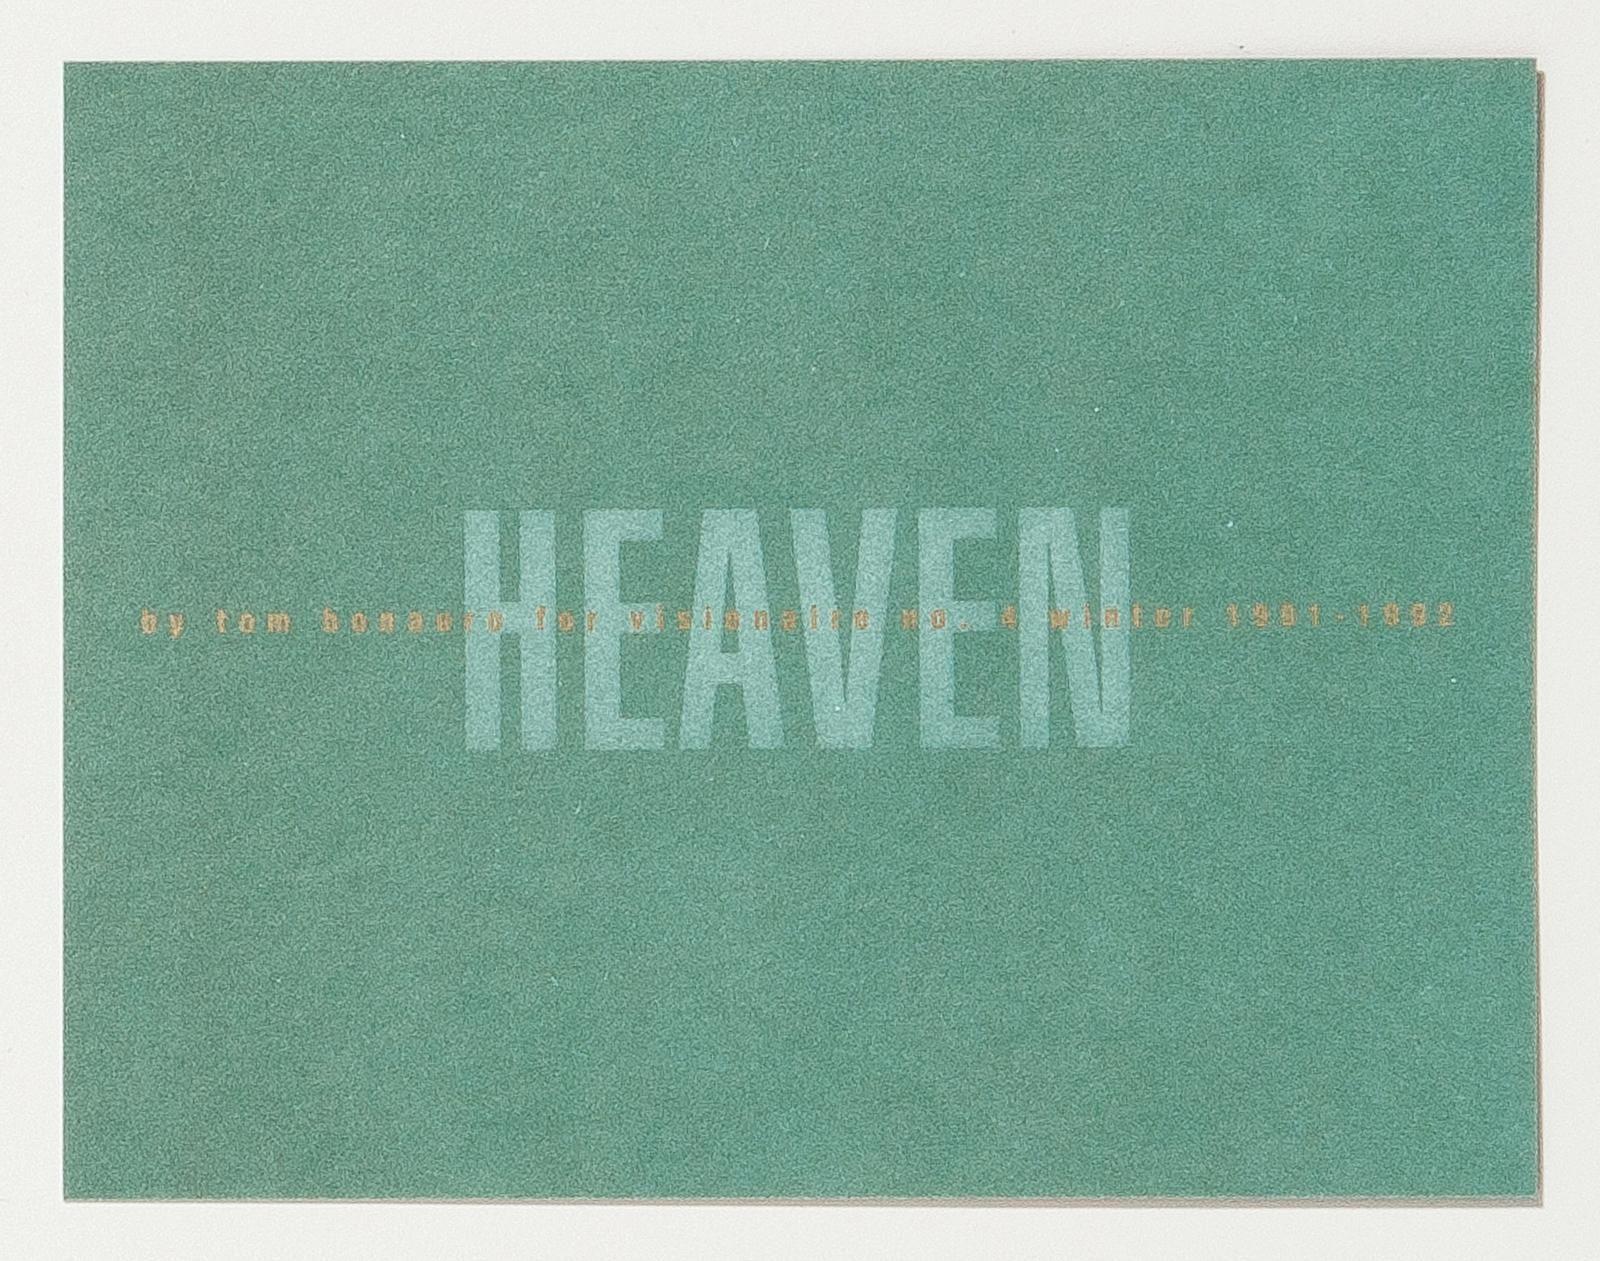 VISIONAIRE 4: Heaven